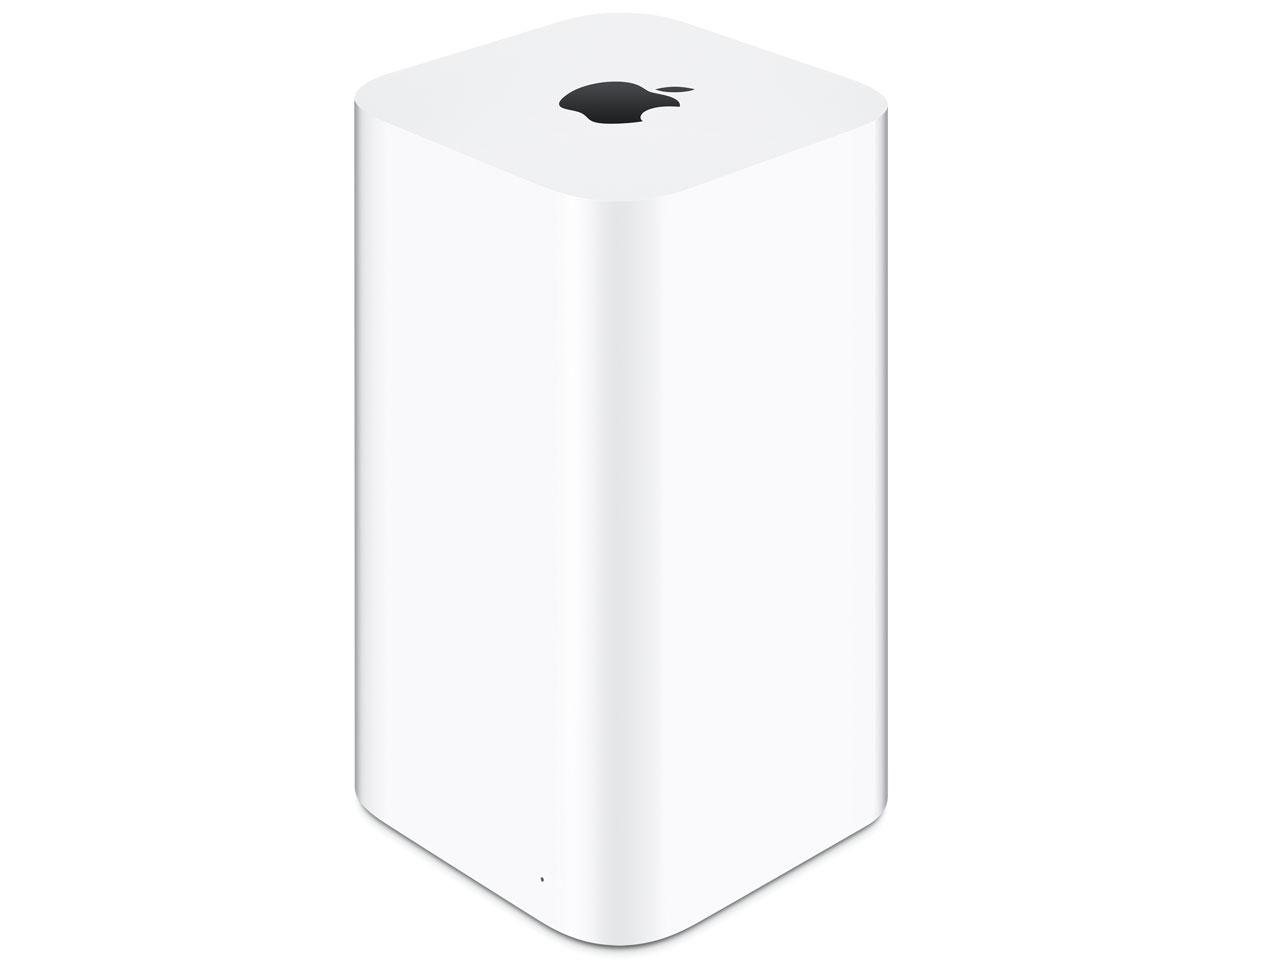 【中古】Apple AirMac Time Capsule 2TB ME177J/A (Mac専用ネットワーク対応 外付HDD 2TB)(10日間返品保証)